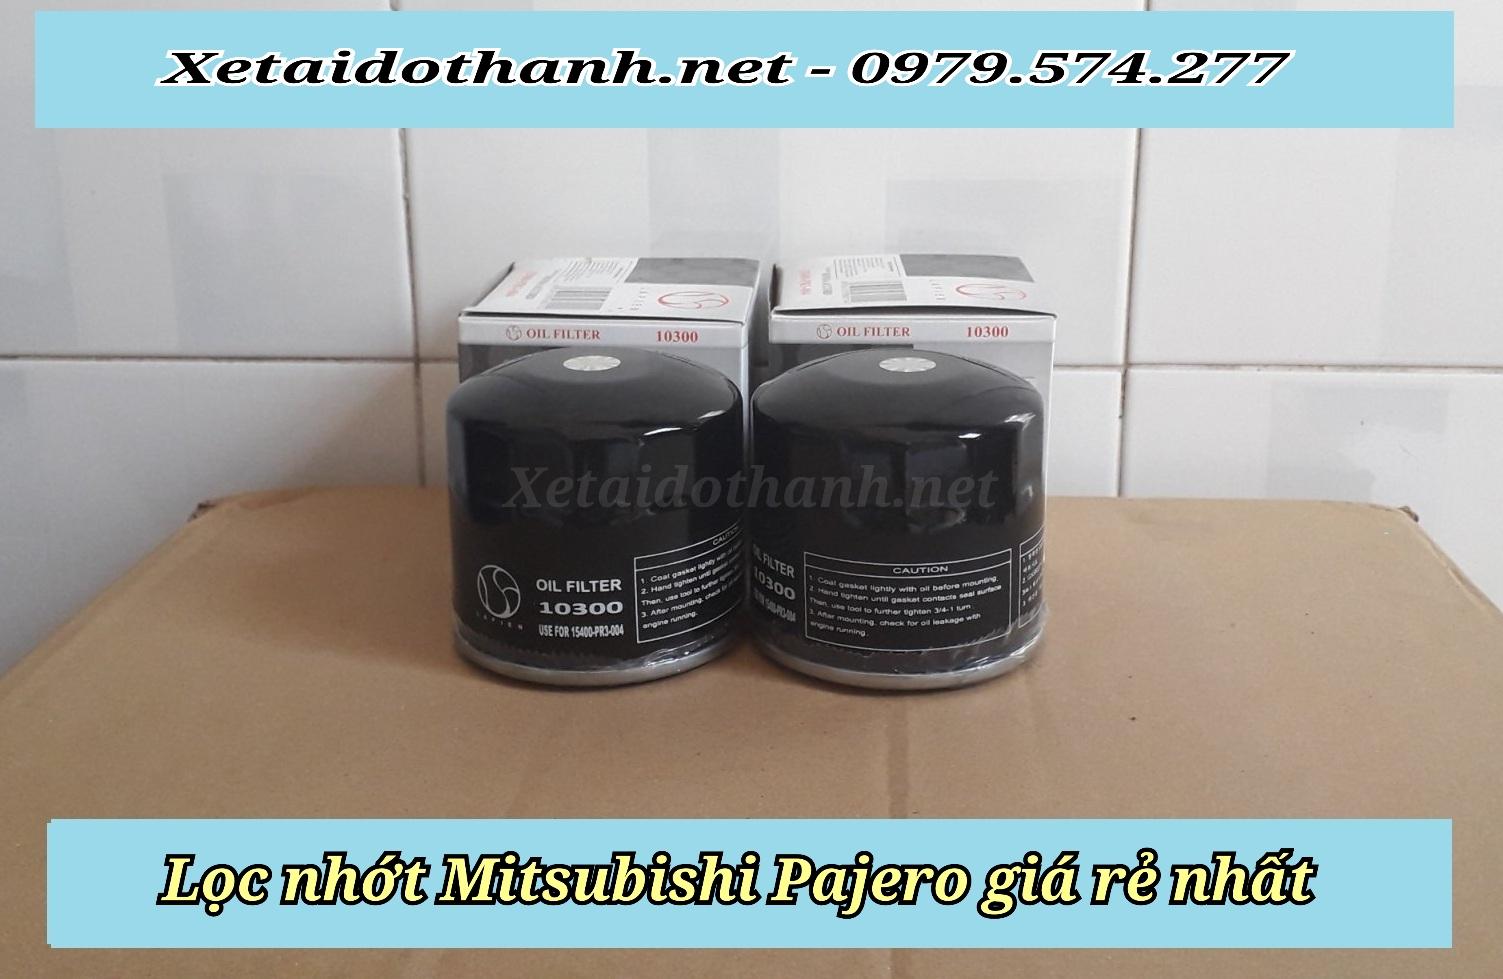 Lọc nhớt mitsubishi pajero